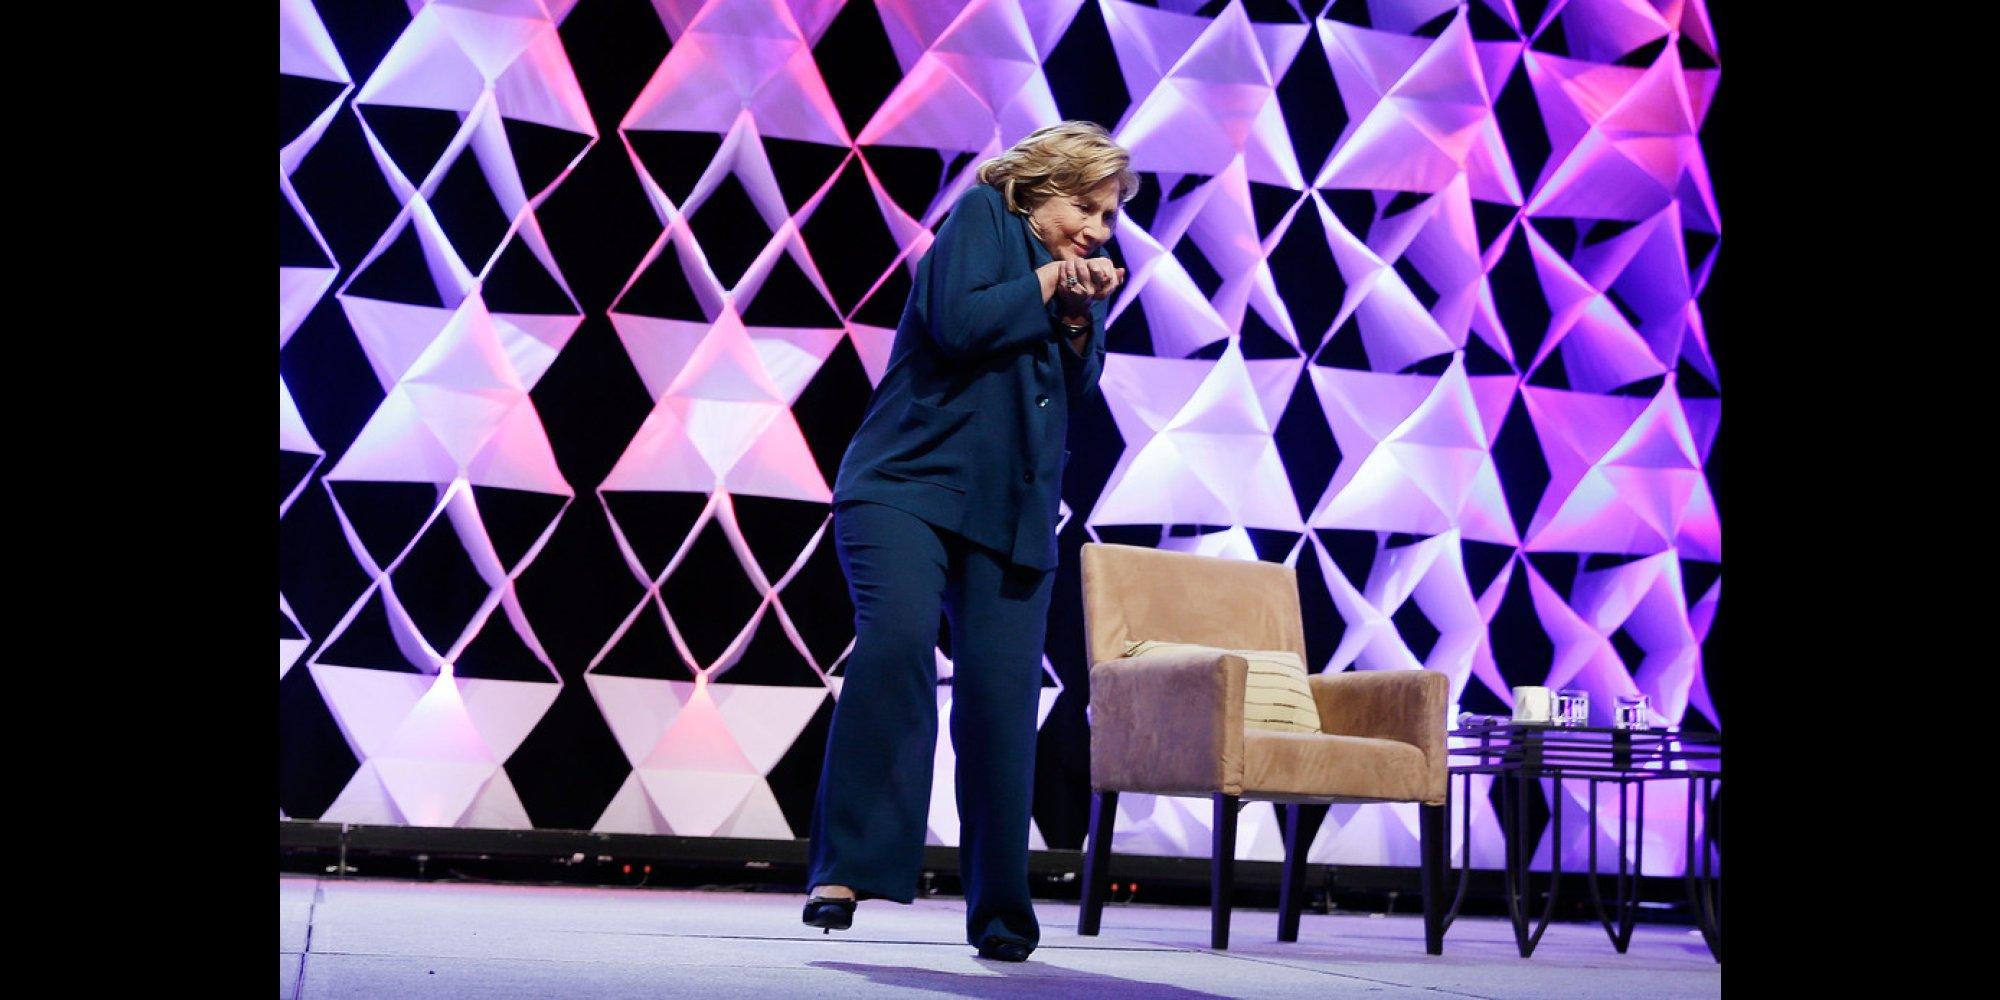 クリントン前アメリカ国務長官、講演中に靴投げられる シェア  ヒラリー・クリントン前アメリカ国務